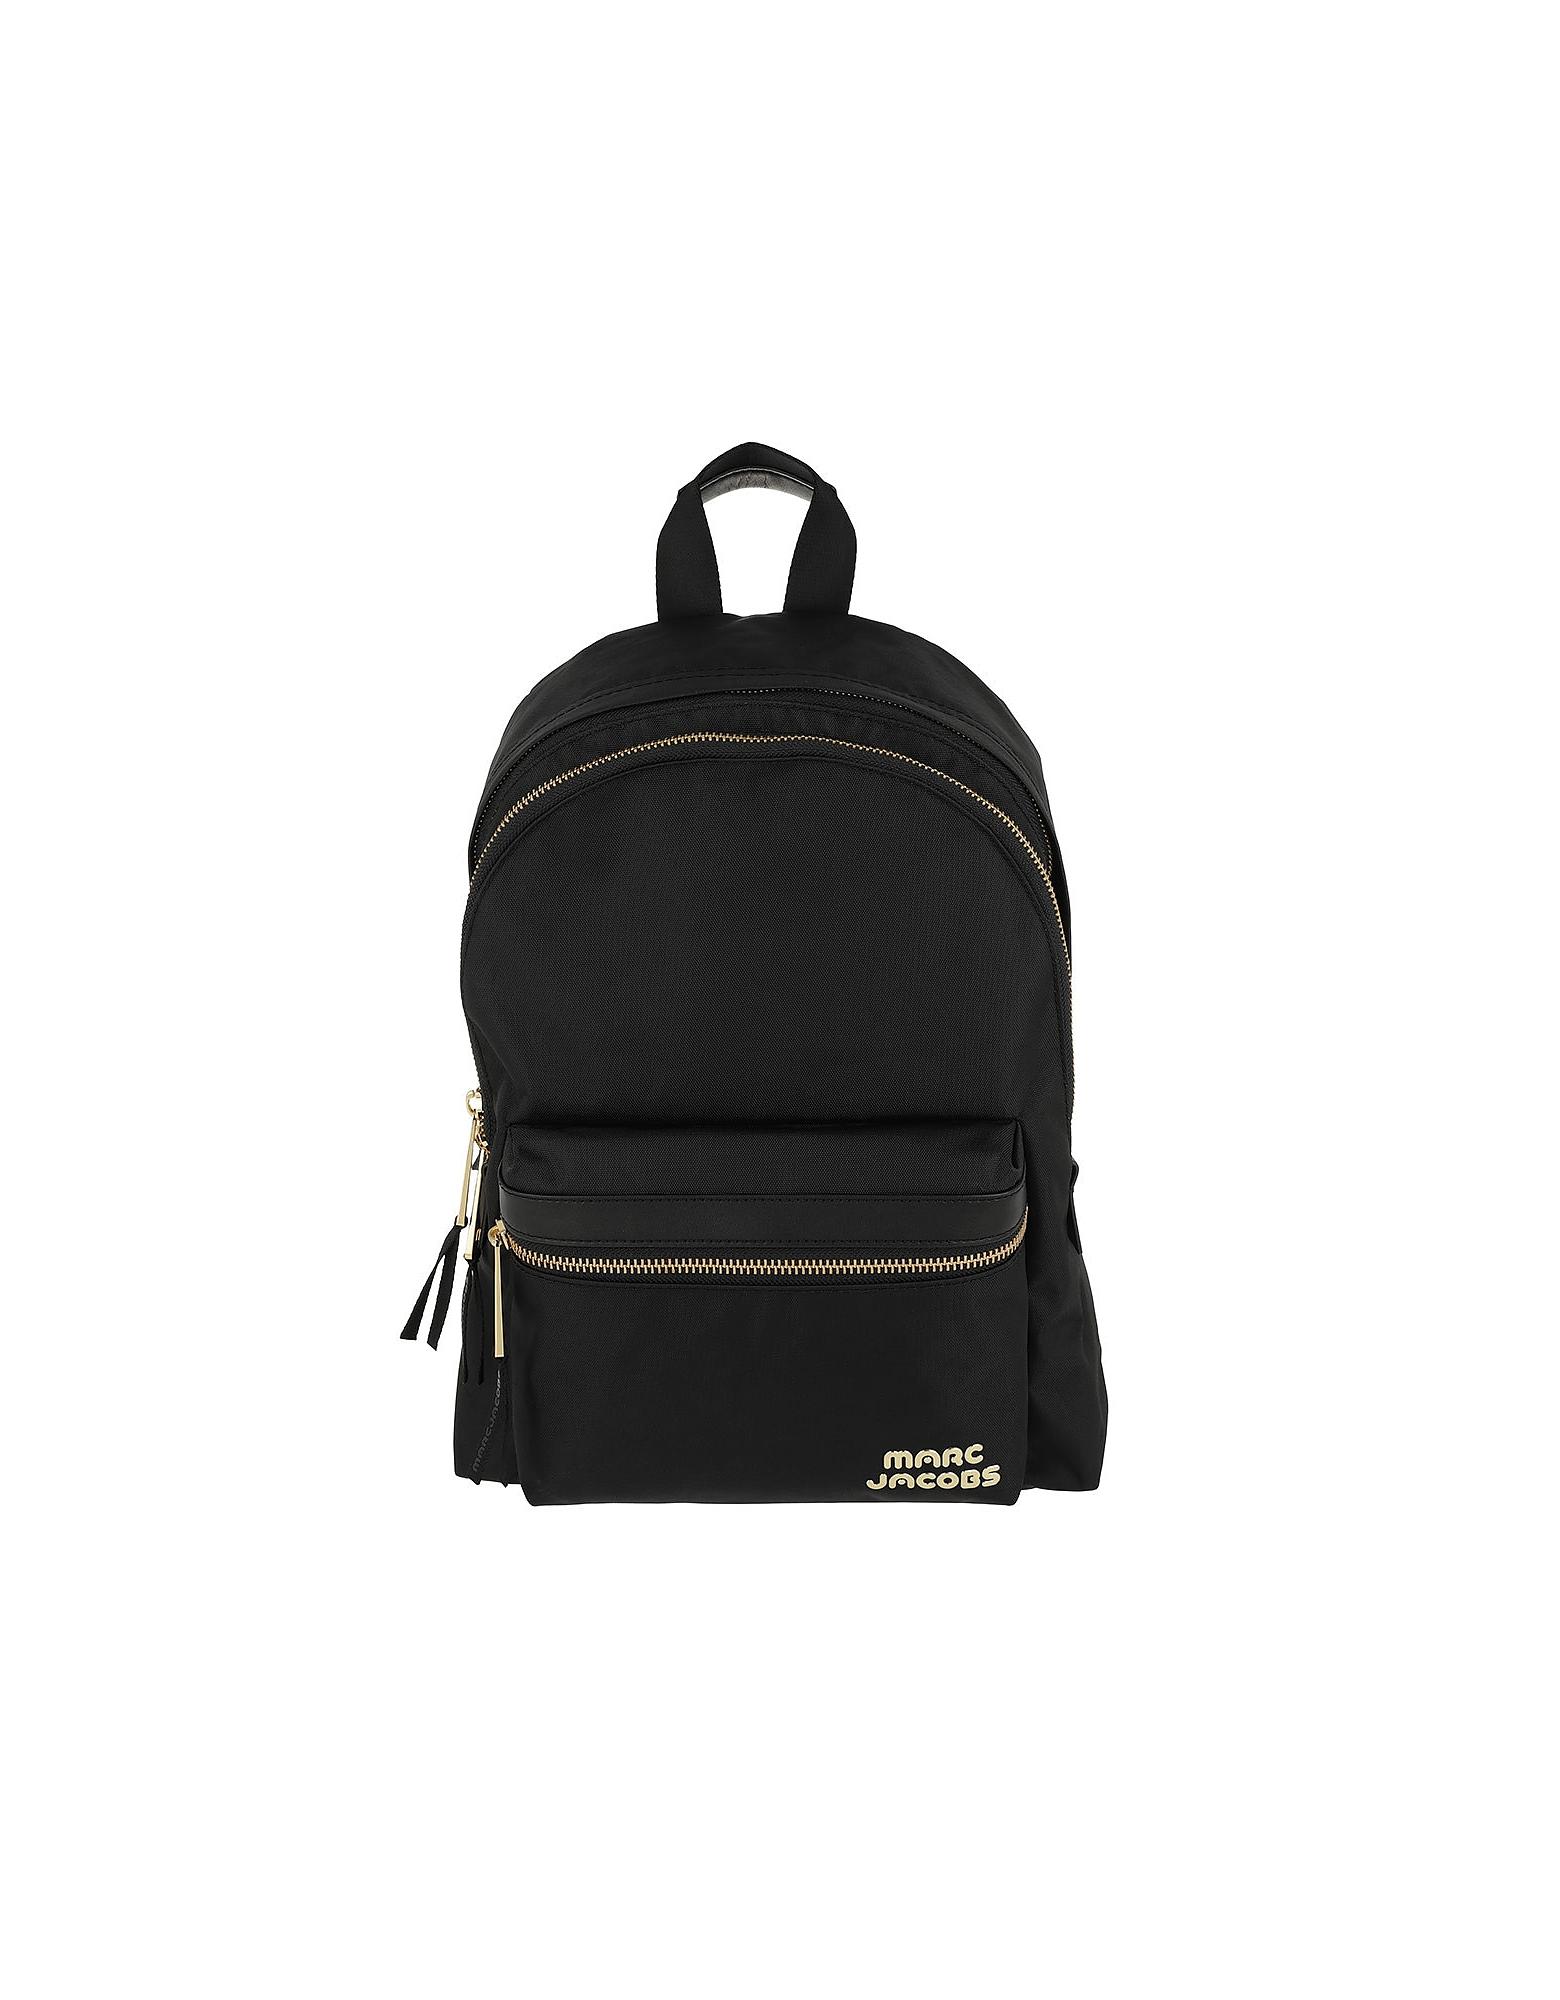 Trek Pack - Большой Черный Рюкзак